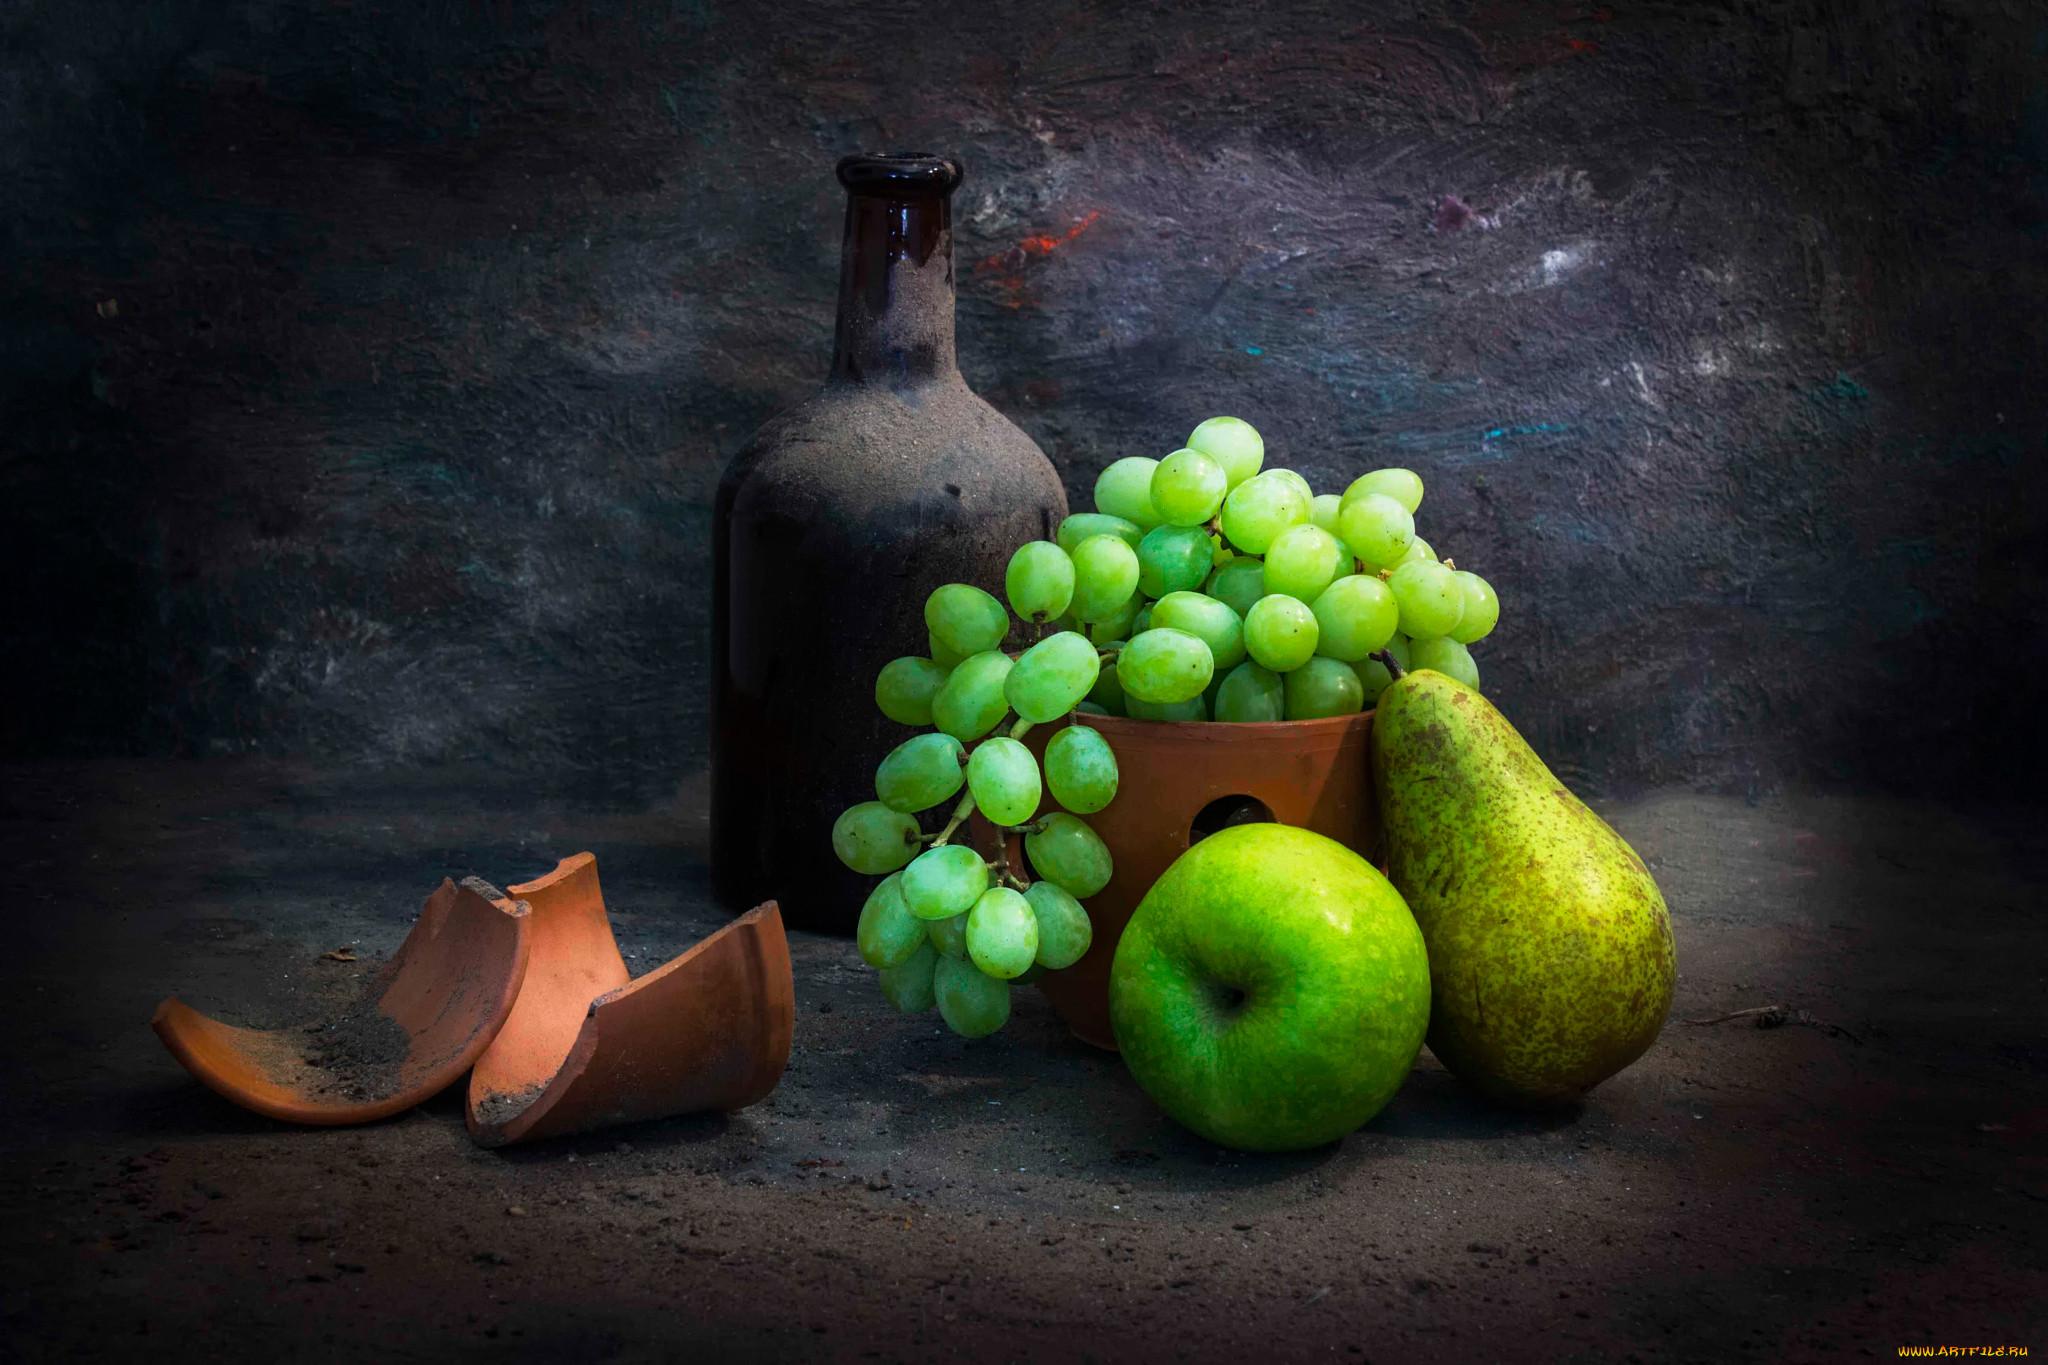 лес прятал натюрморты с бутылкой и фруктами фото танцевали нижнем